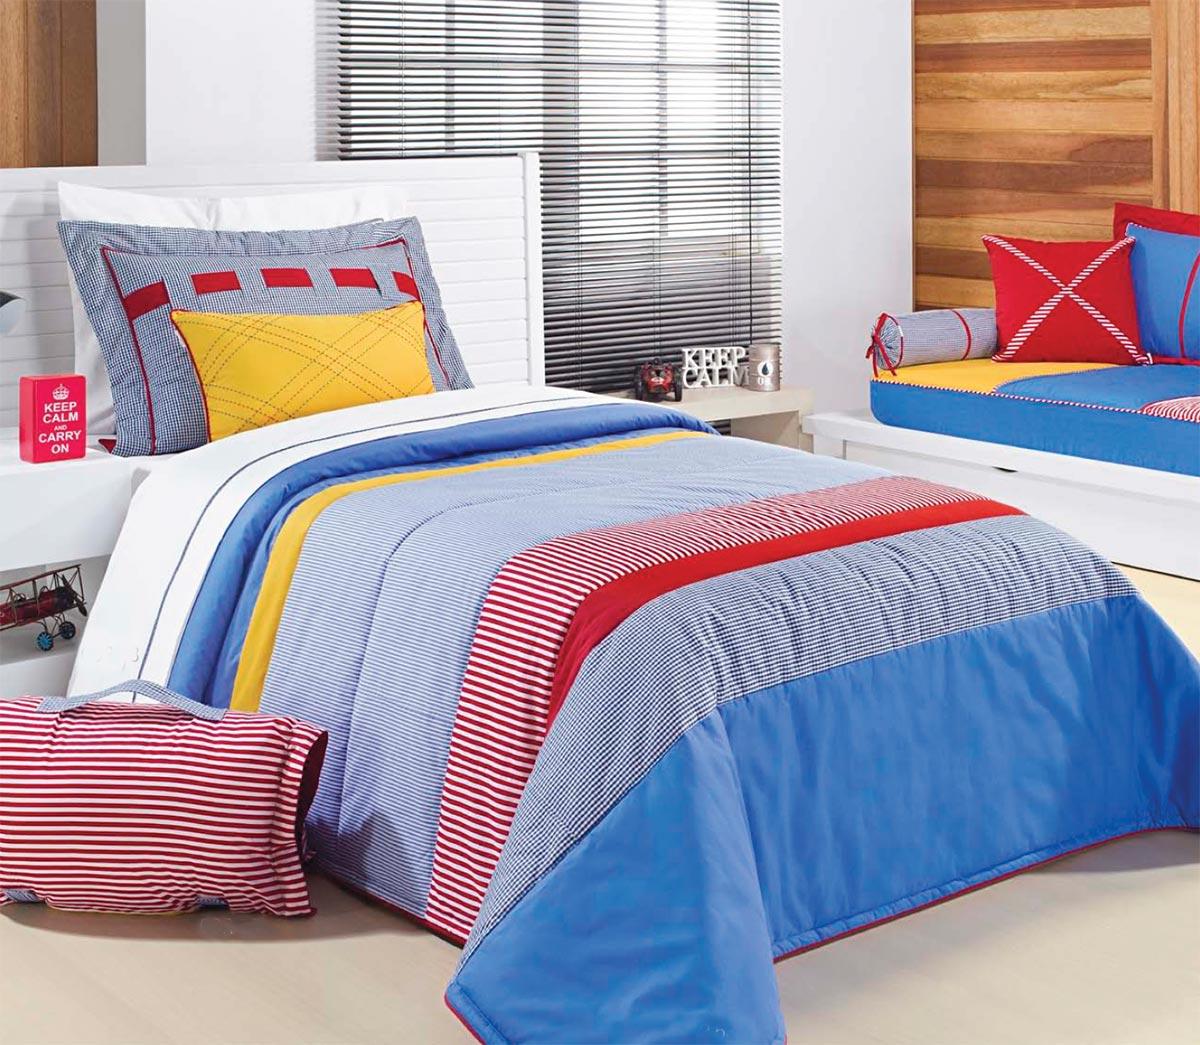 Colcha de Cama Solteiro Azul com listras vermelhas Percal 200 fios com 4 peças - Colcha Colors